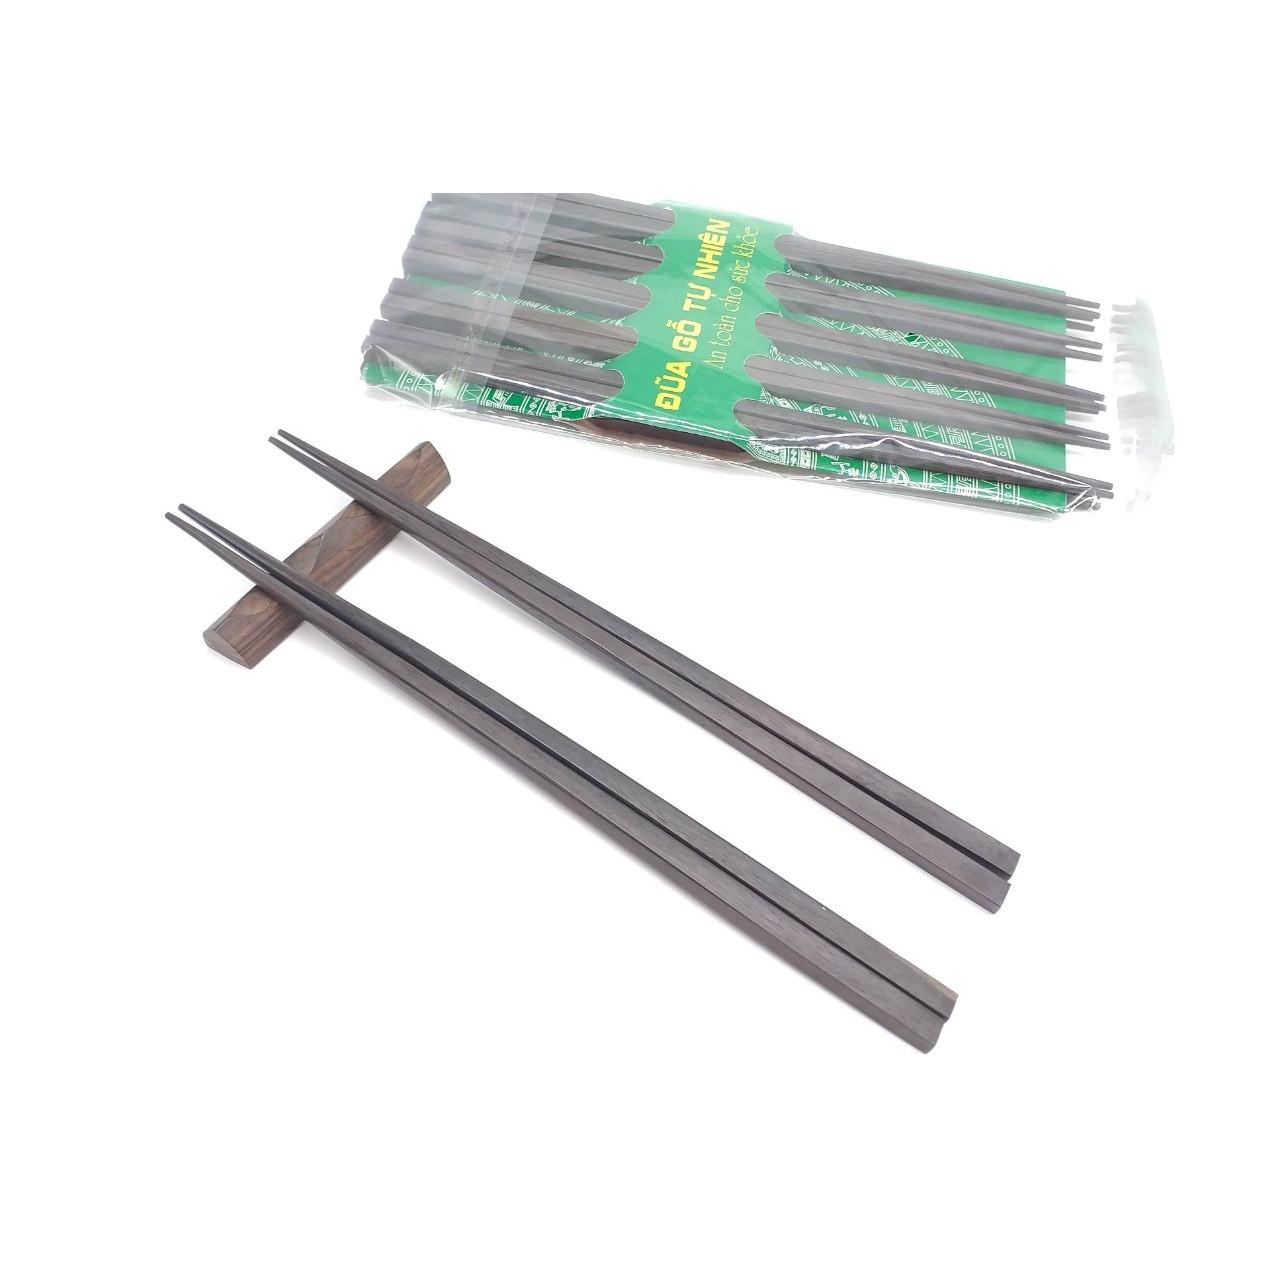 Đũa gỗ Mun Vuông trơn 25cm- Bộ 5 đôi (D02)